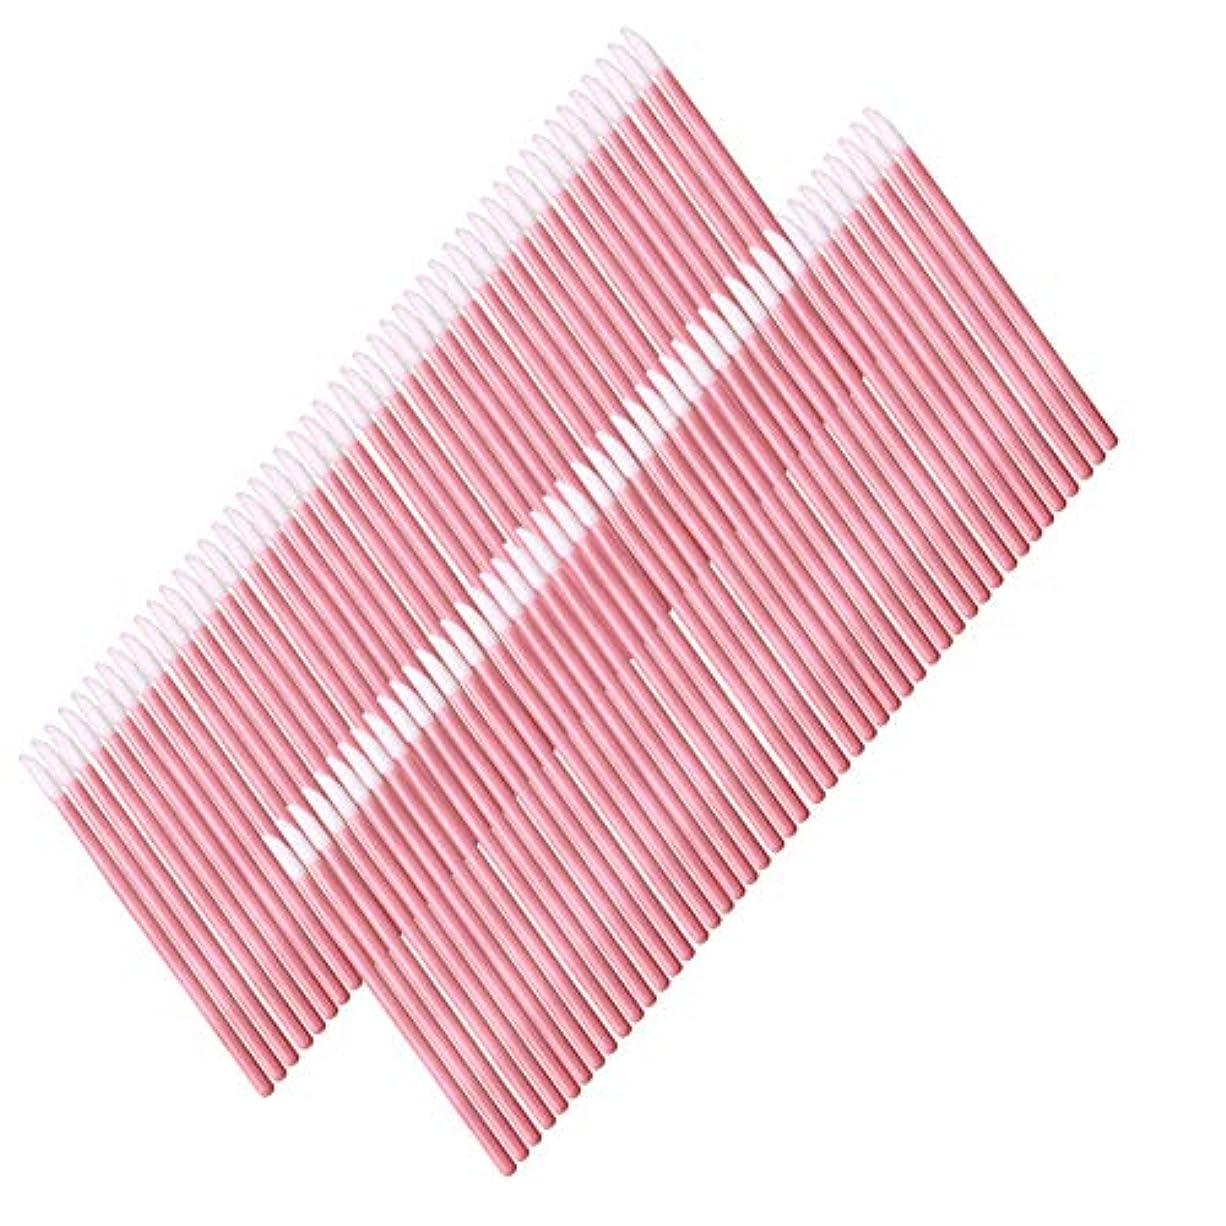 虐殺ブリリアント可動50使い捨てのリップブラシメイクブラシアプリケーターリップグロス口紅のメイクアップツールトークン(ピンク)